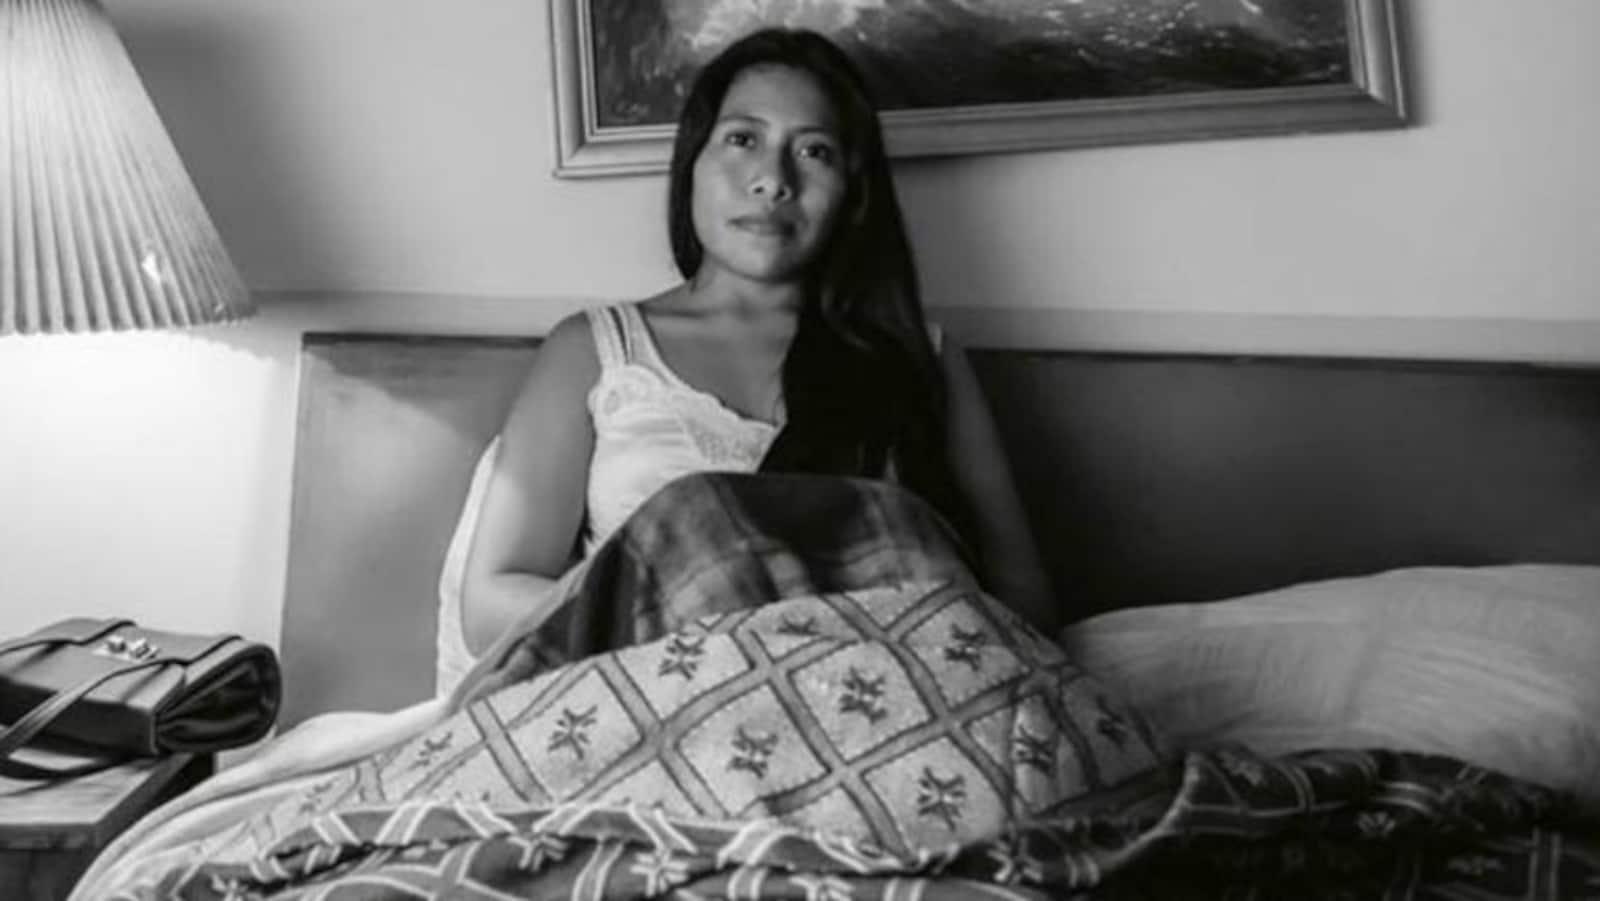 Une femme aux cheveux longs est assise dans son lit, et son regard fixe la caméra. L'image, issue du film Roma, est en noir et blanc.